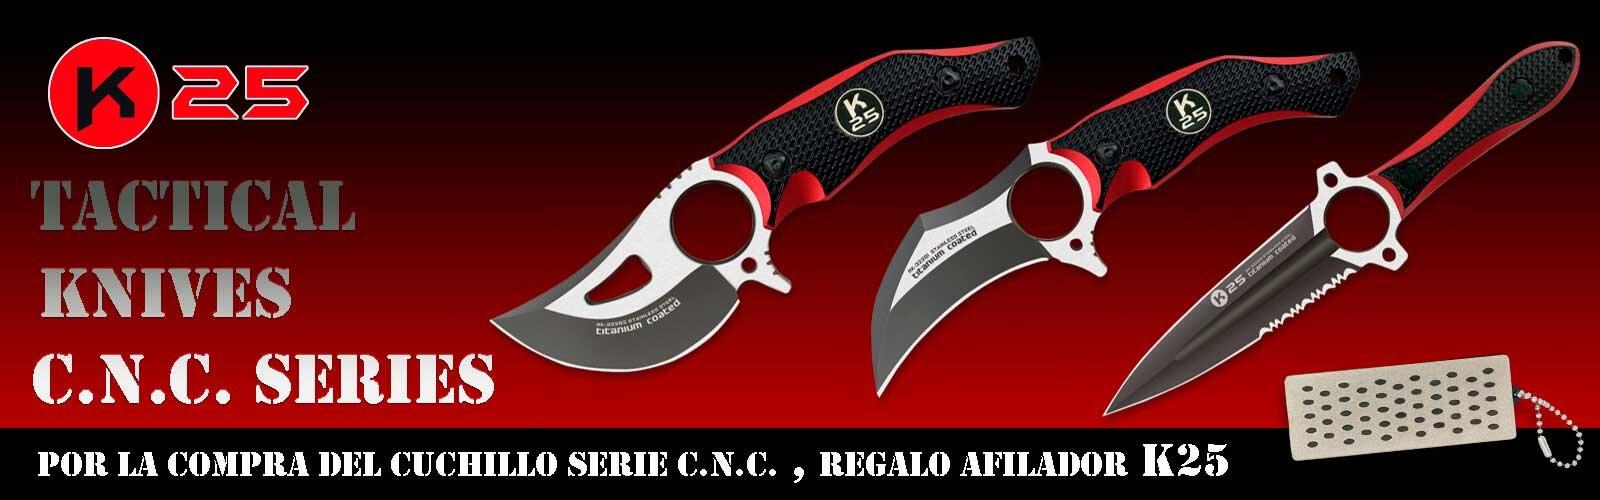 cuchillo-k25.jpg